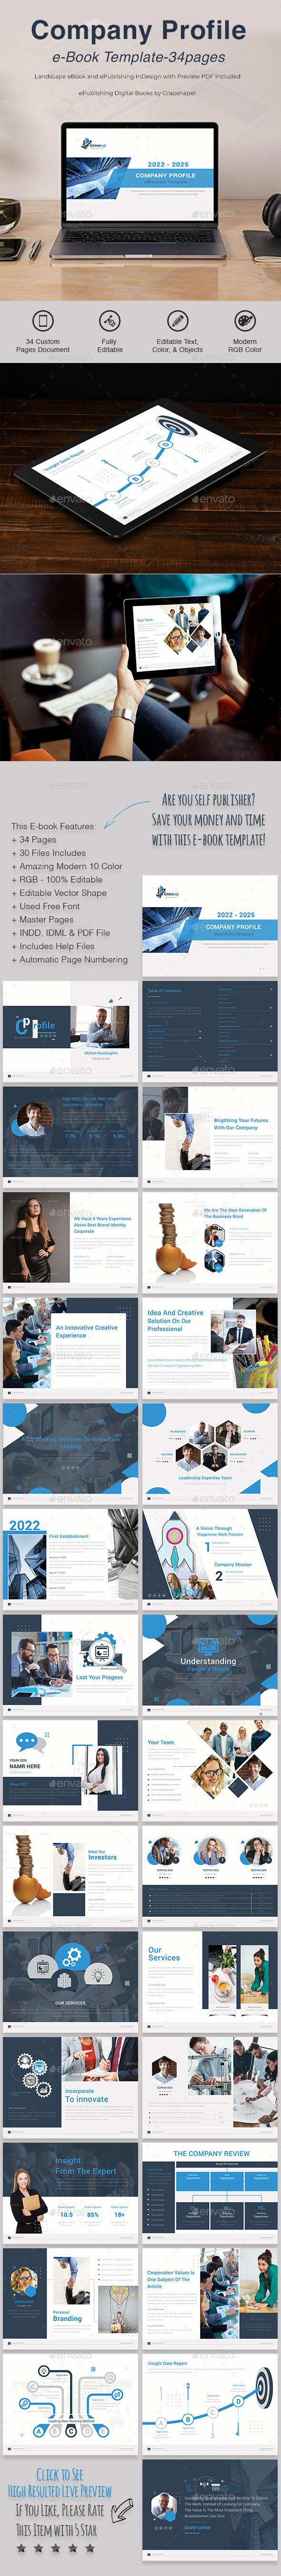 Company Profile   e-Book Template